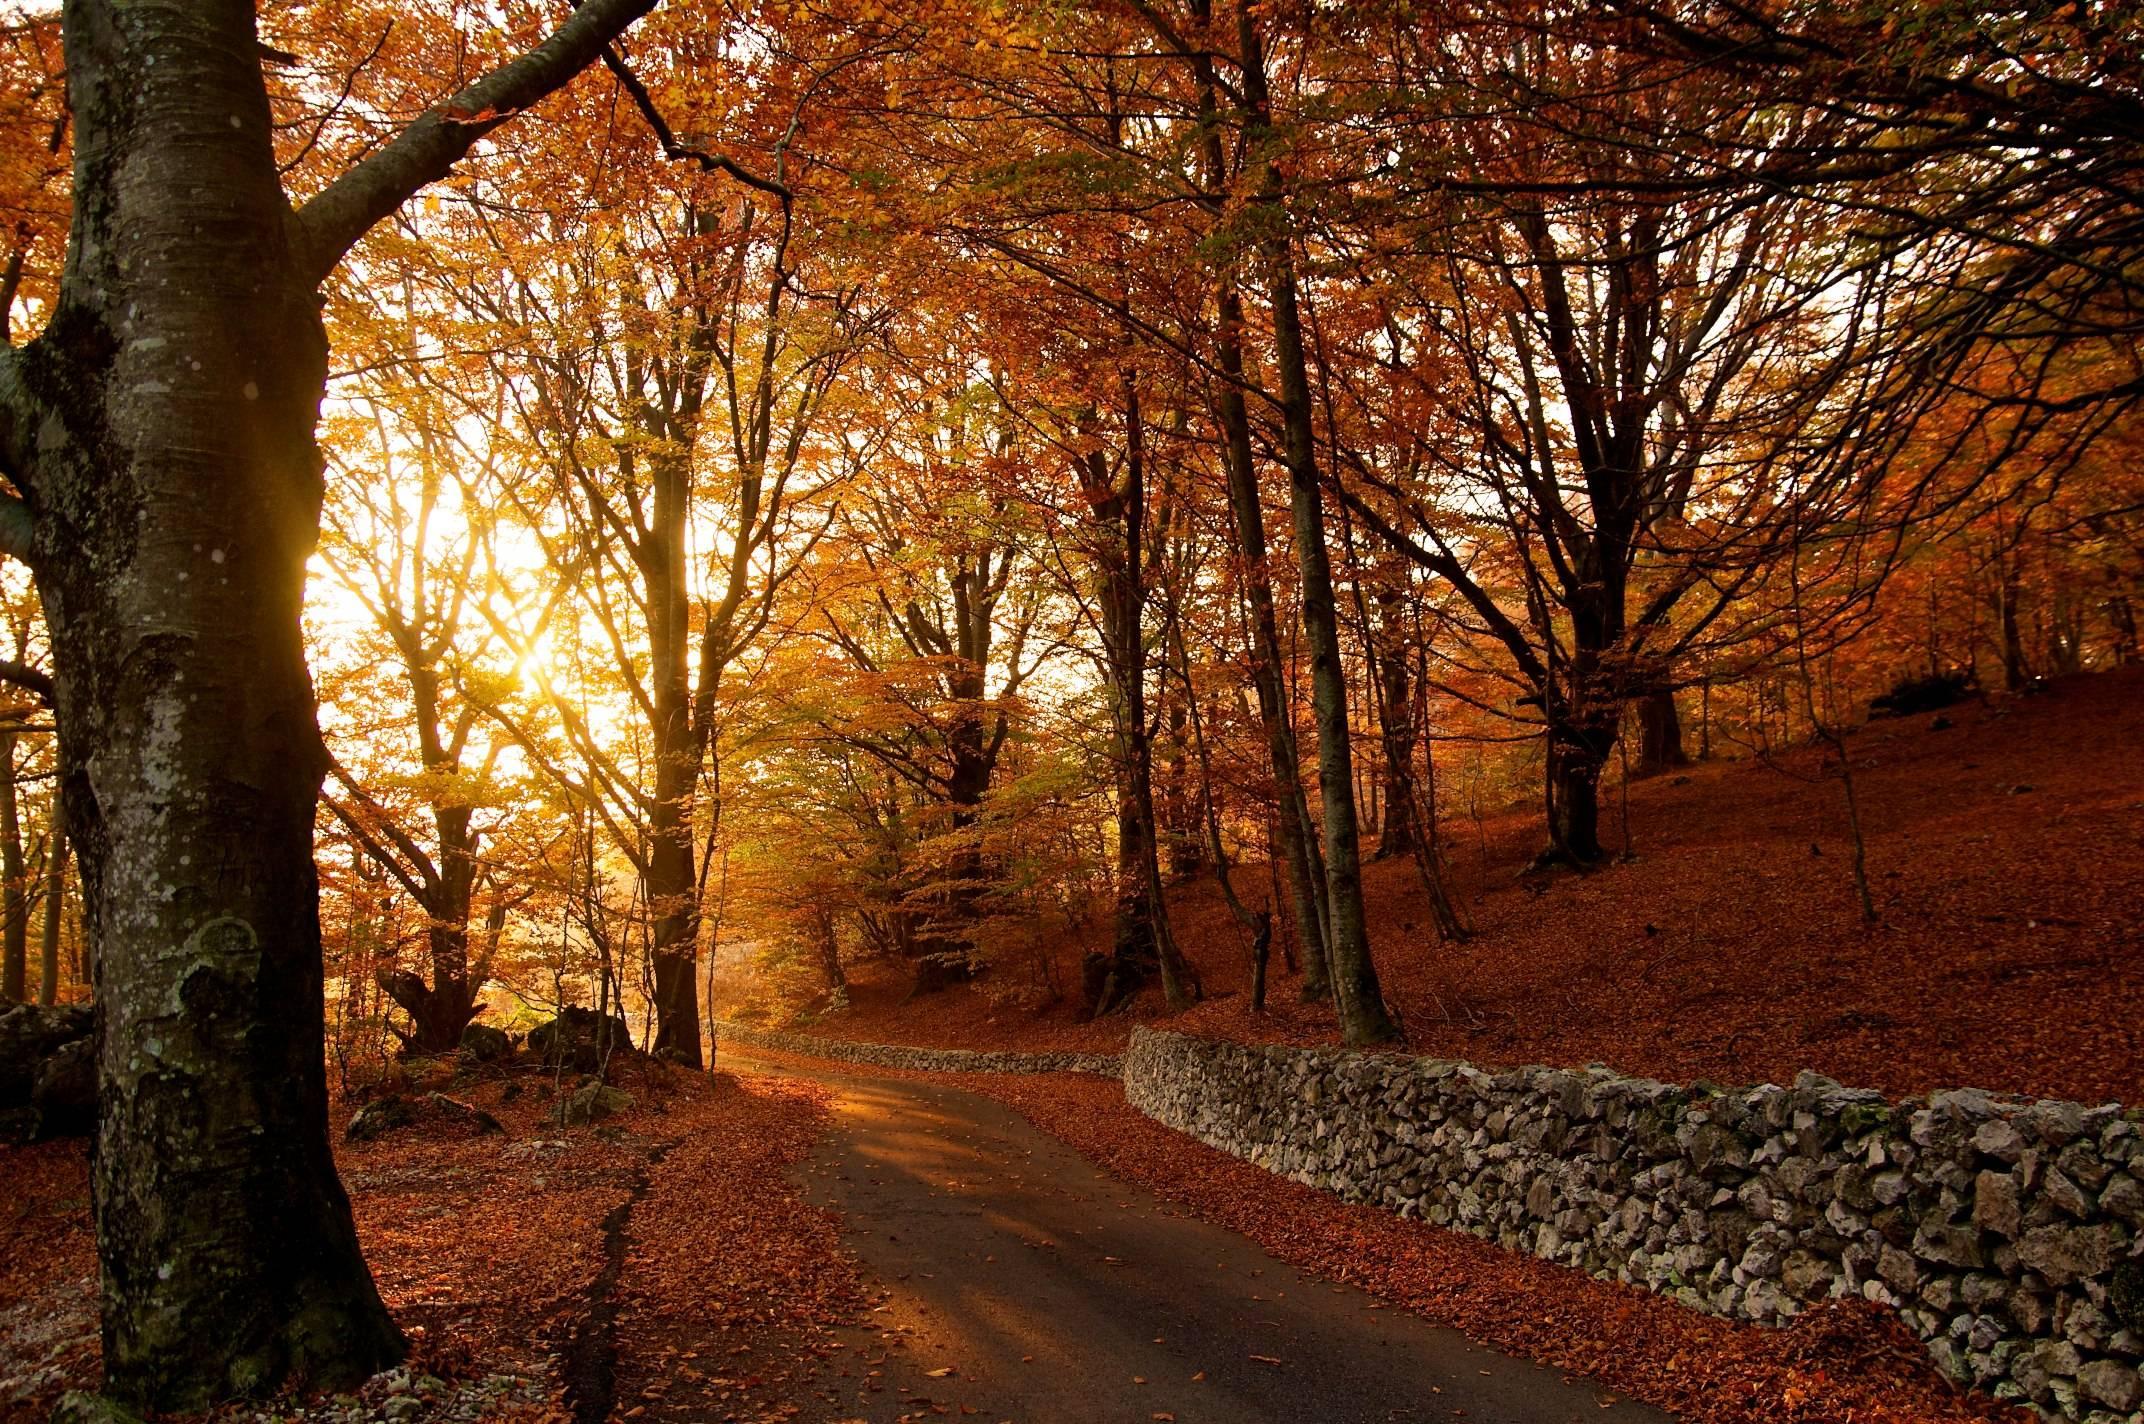 Autumn Road HD desktop wallpaper High Definition Fullscreen